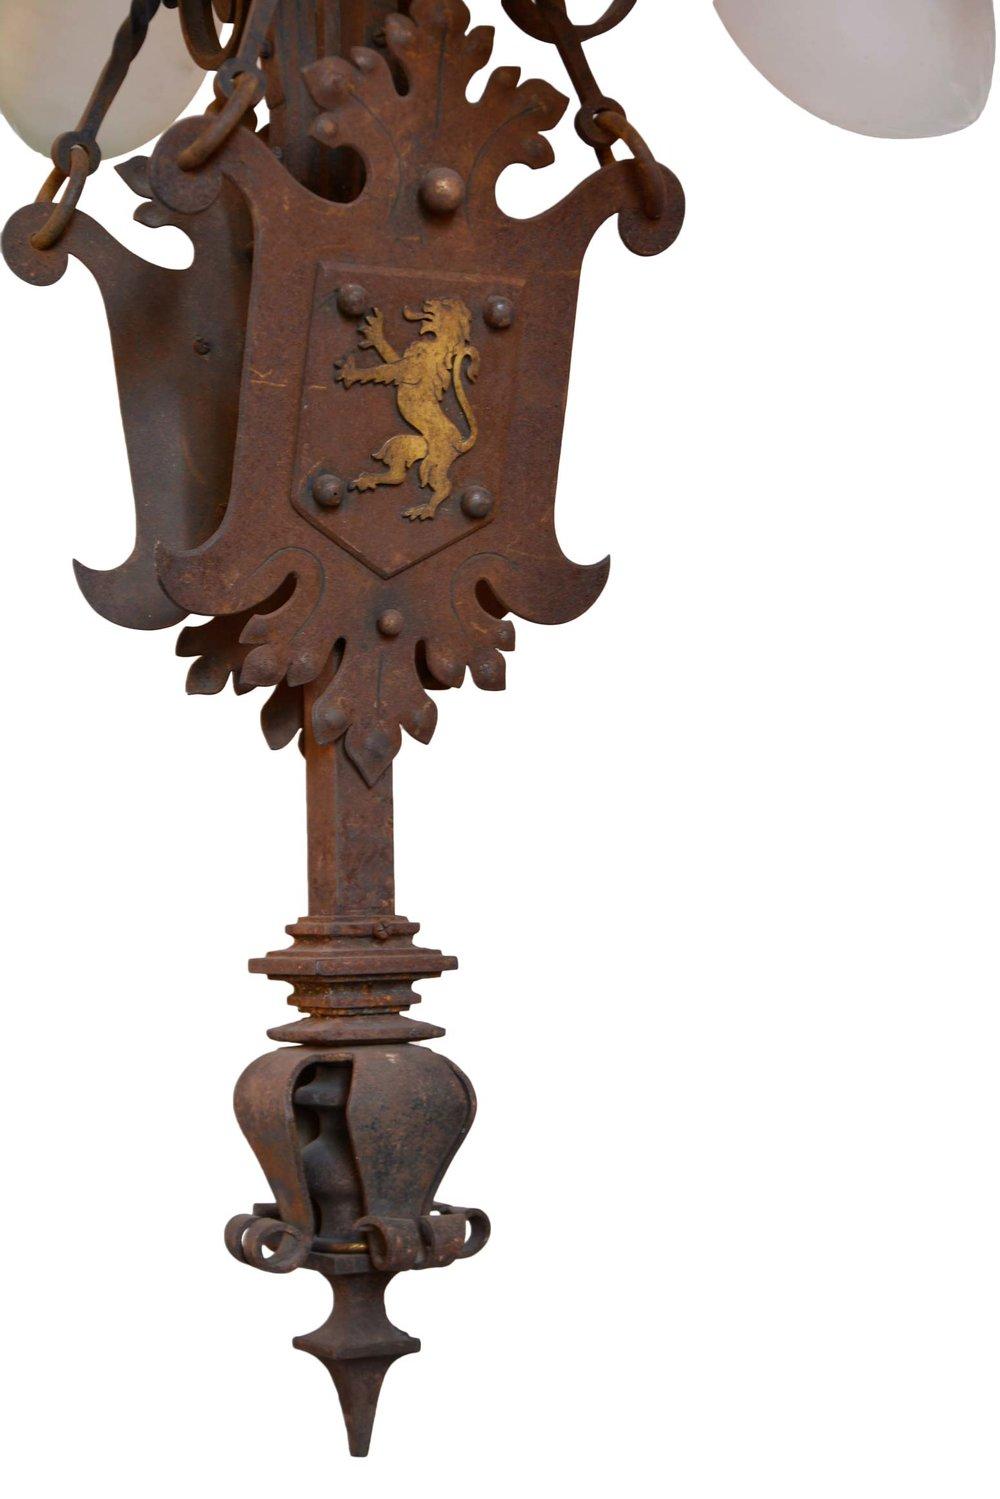 45968-iron-4-arm-chandelier-with-griffon-crest-bottom.jpg